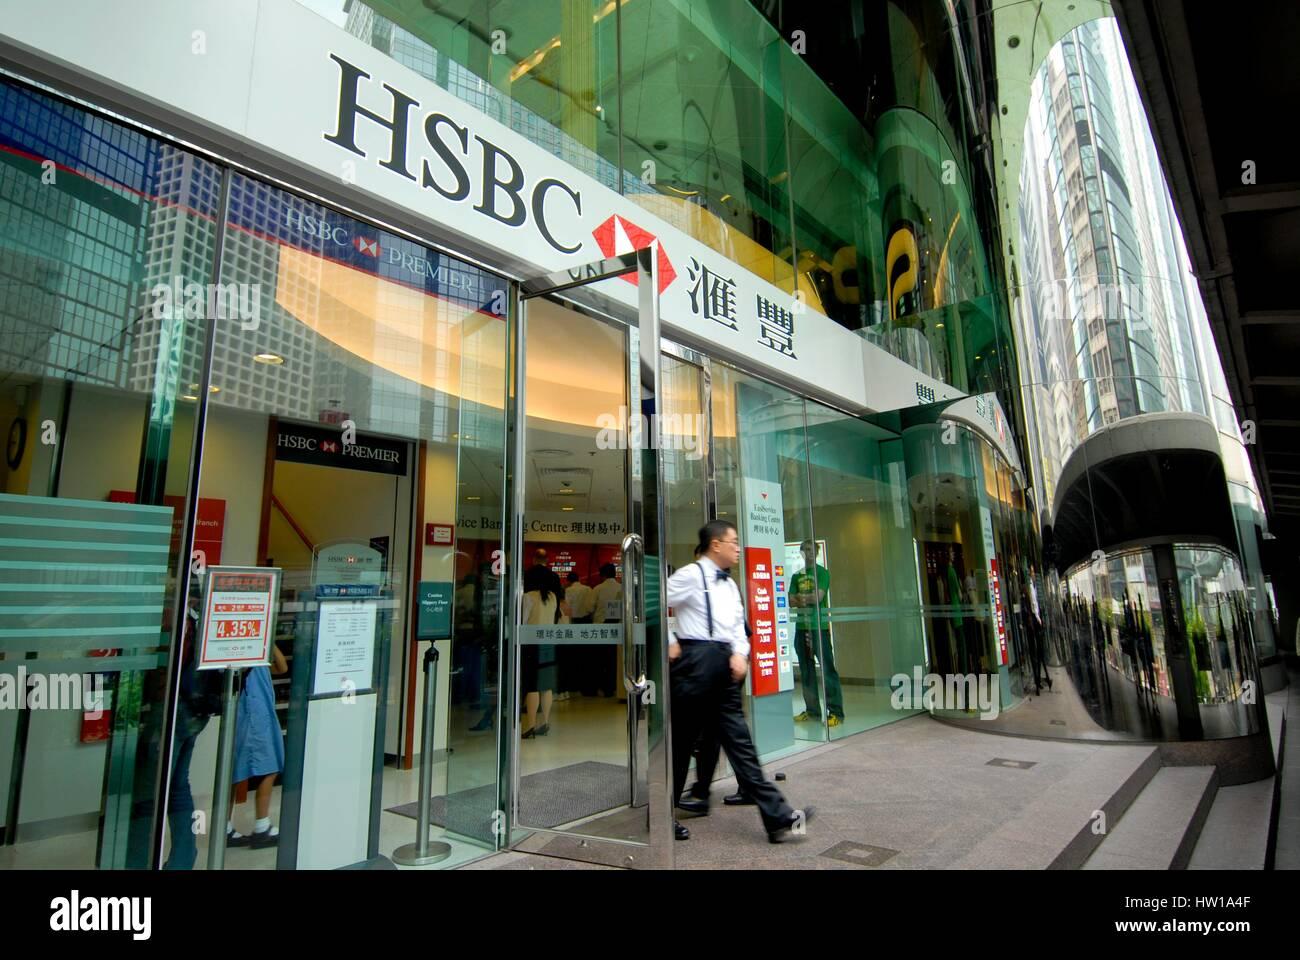 China - Hong Kong Iceland - entrance HSBC, China - Hong Kong  Island - HSBC Eingang Stock Photo